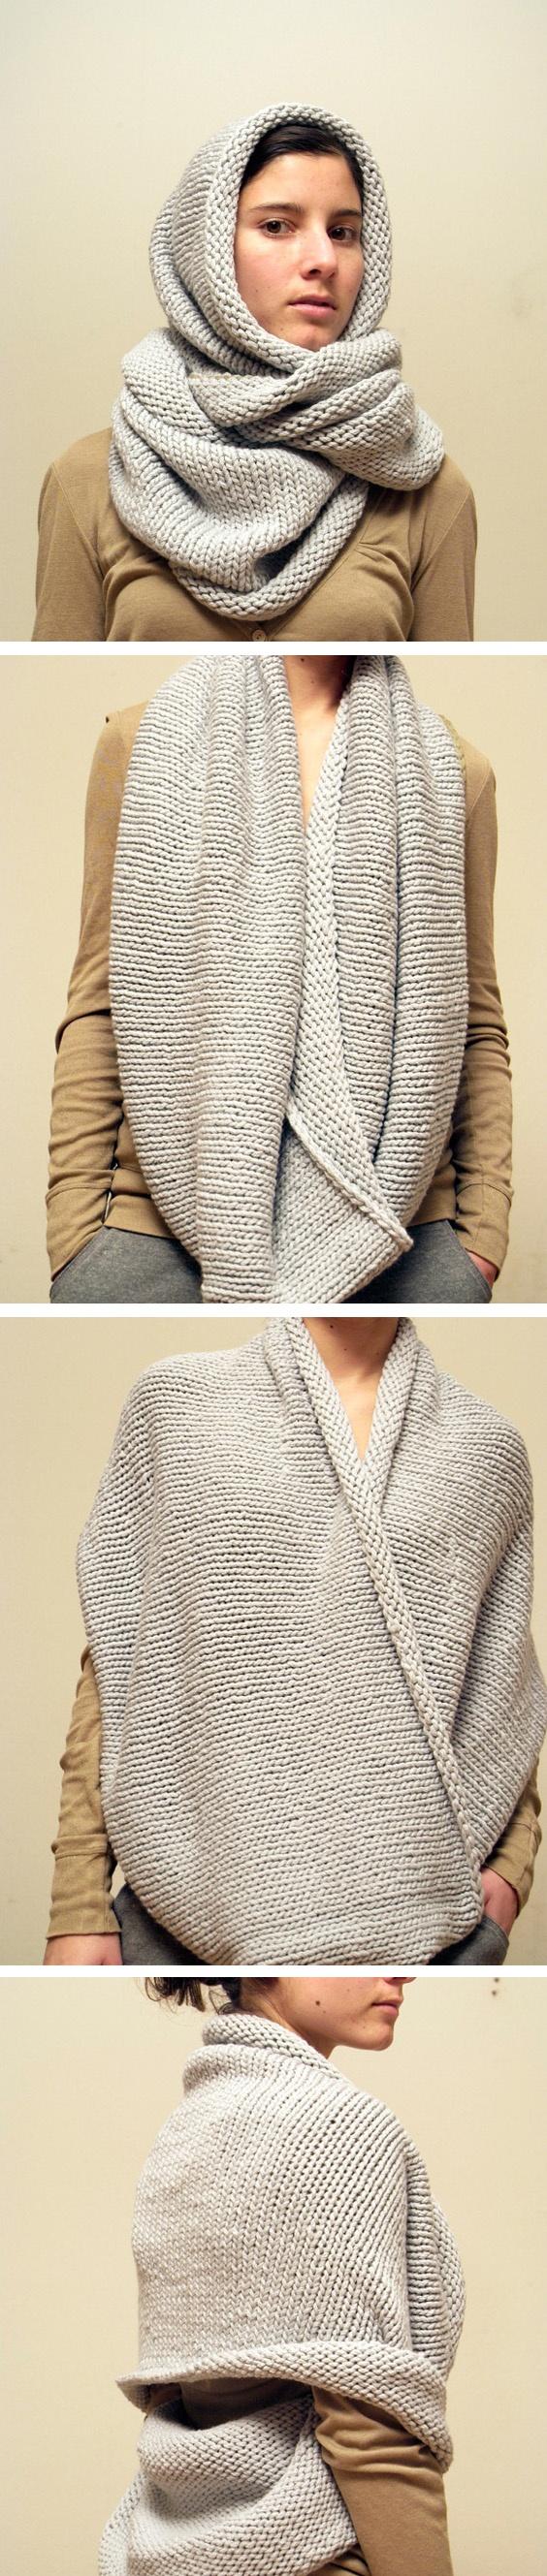 Как правильно вязать шарф